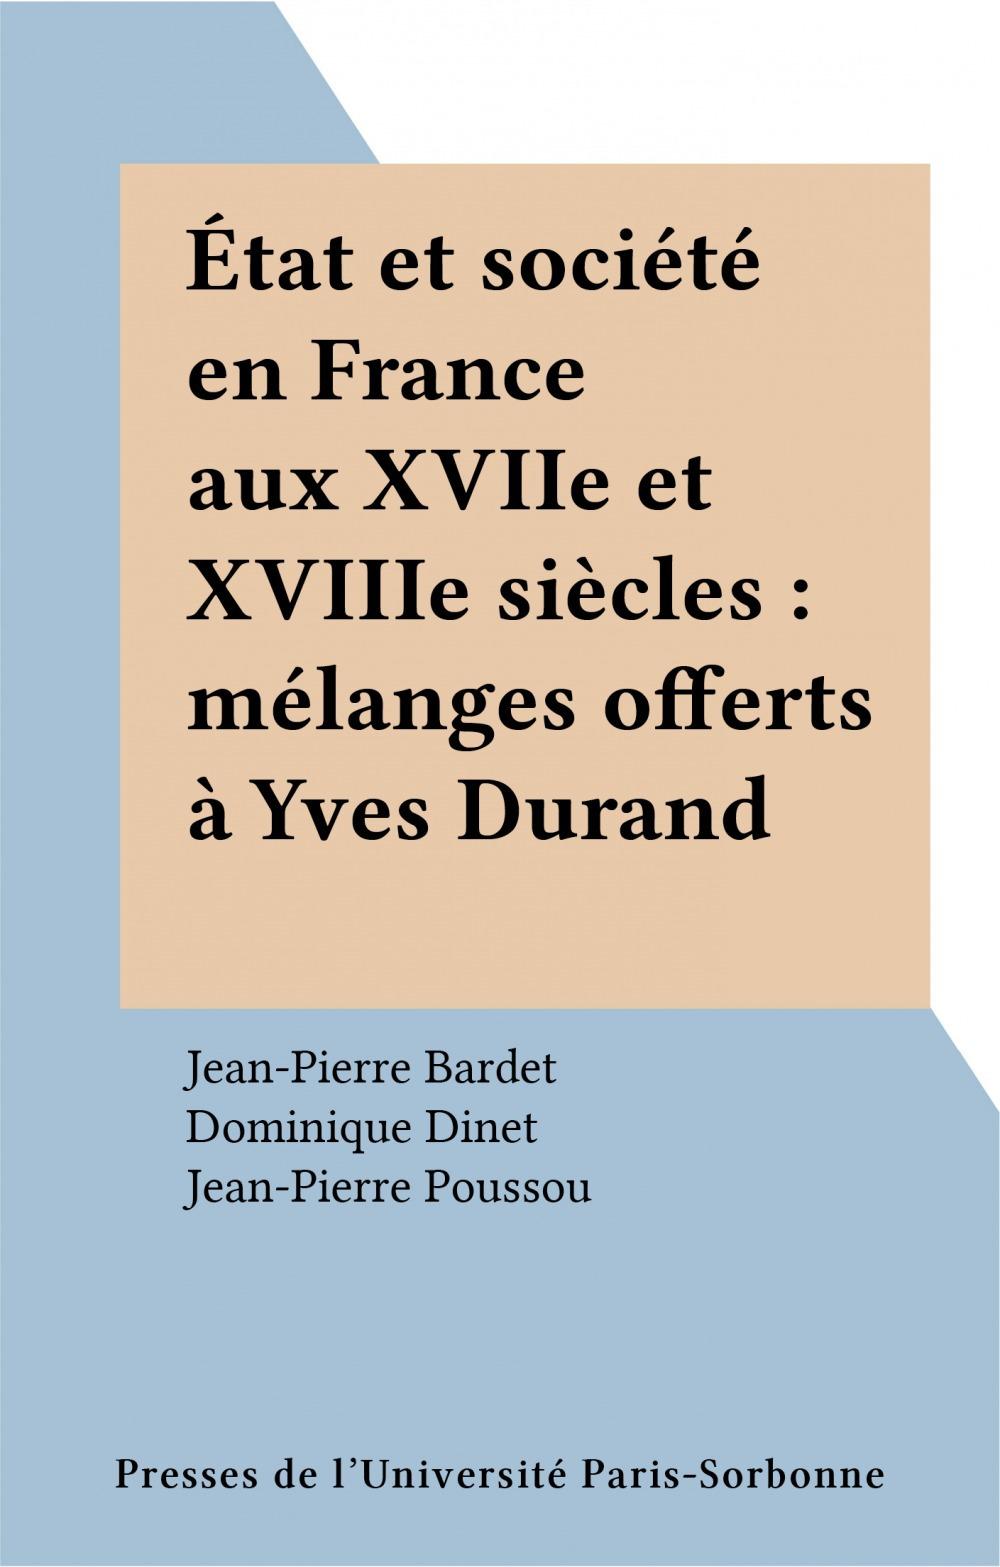 Etat et societe en france aux xviie et xviiie siecles. hommage a yves durand